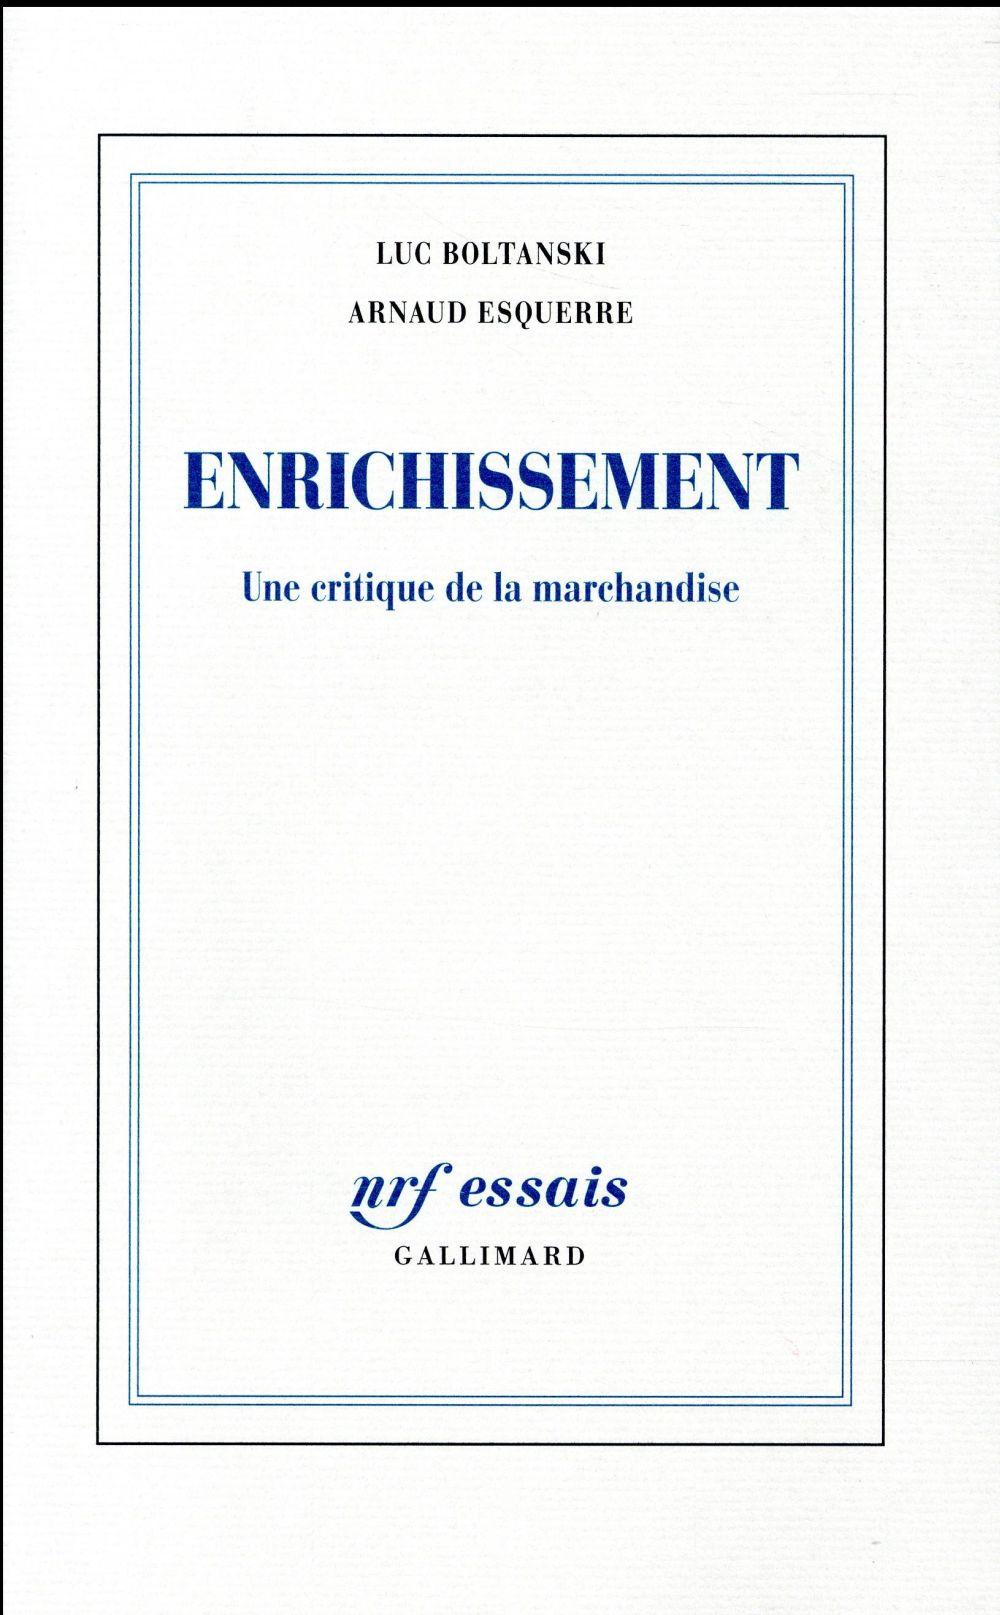 ENRICHISSEMENT : UNE CRITIQUE DE LA MARCHANDISE